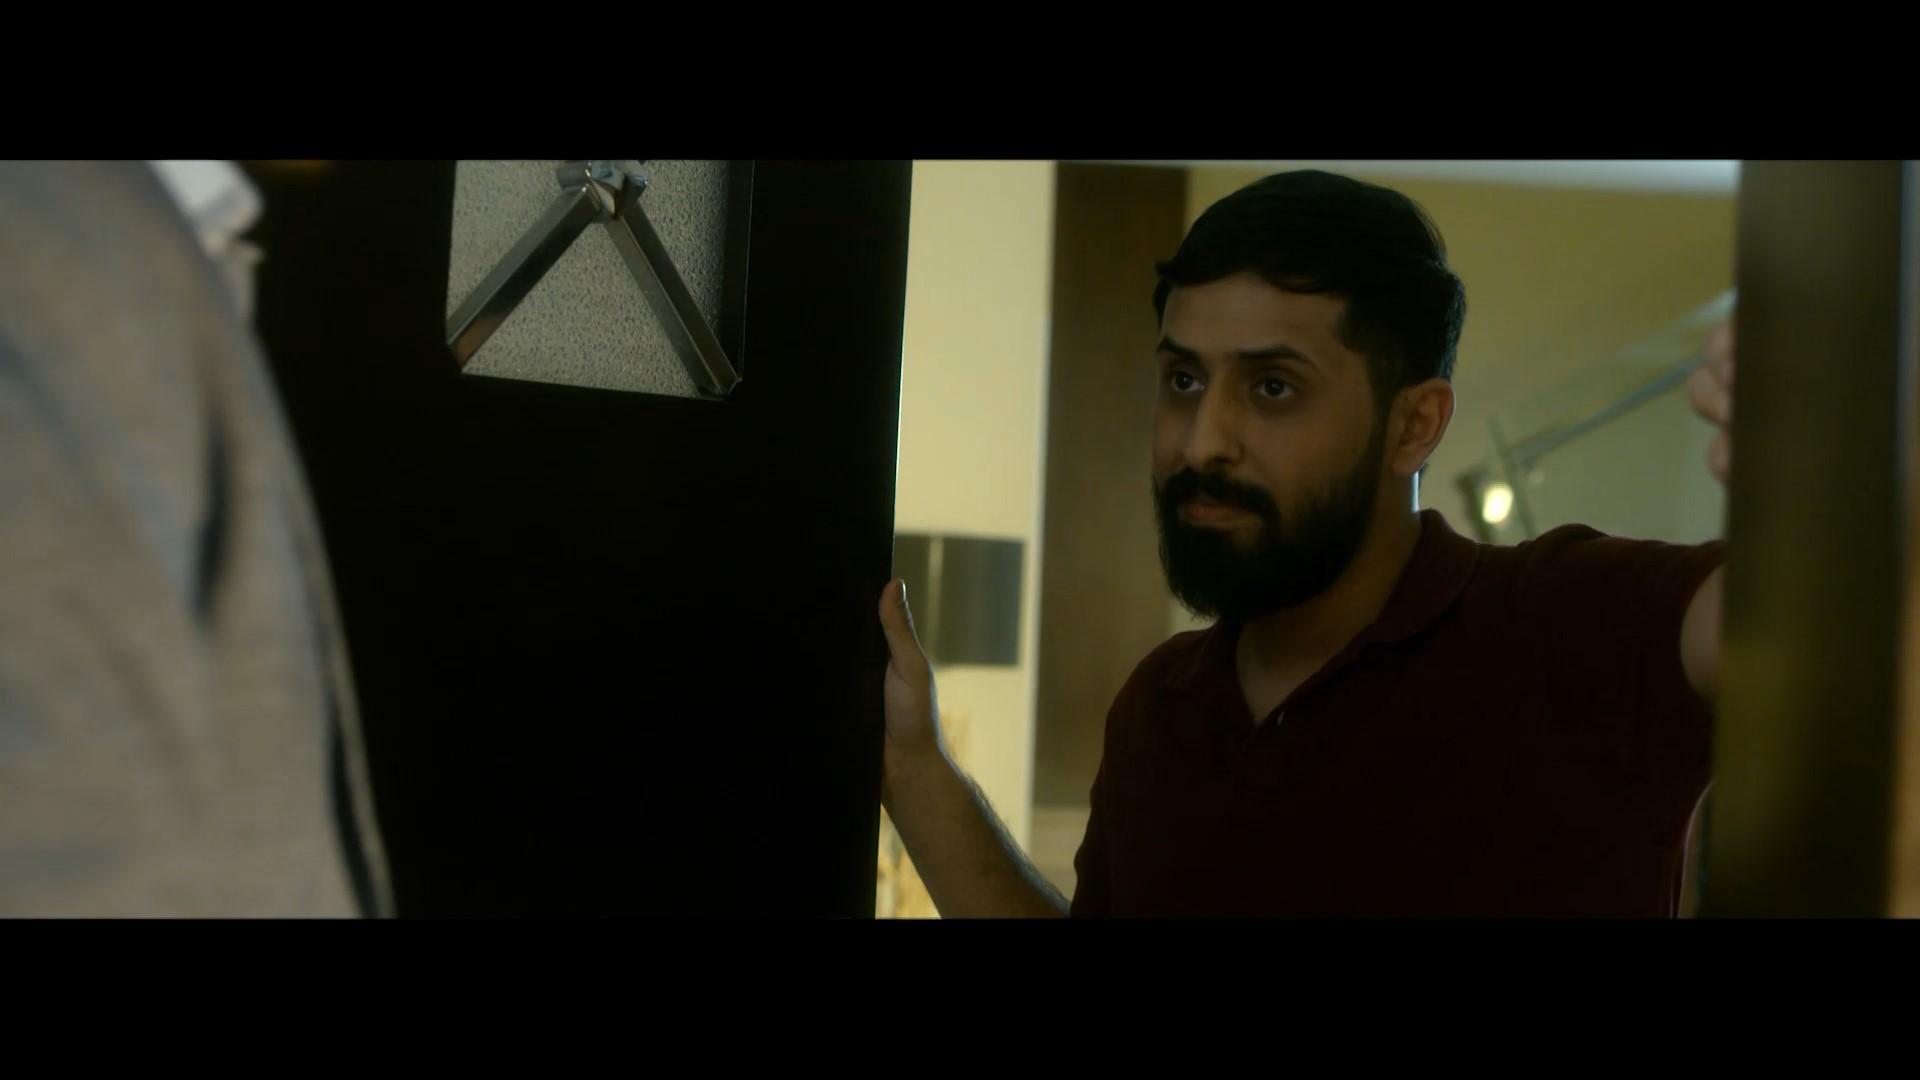 [فيلم][تورنت][تحميل][انتقام سري][2019][1080p][HDTV][سعودي] 6 arabp2p.com